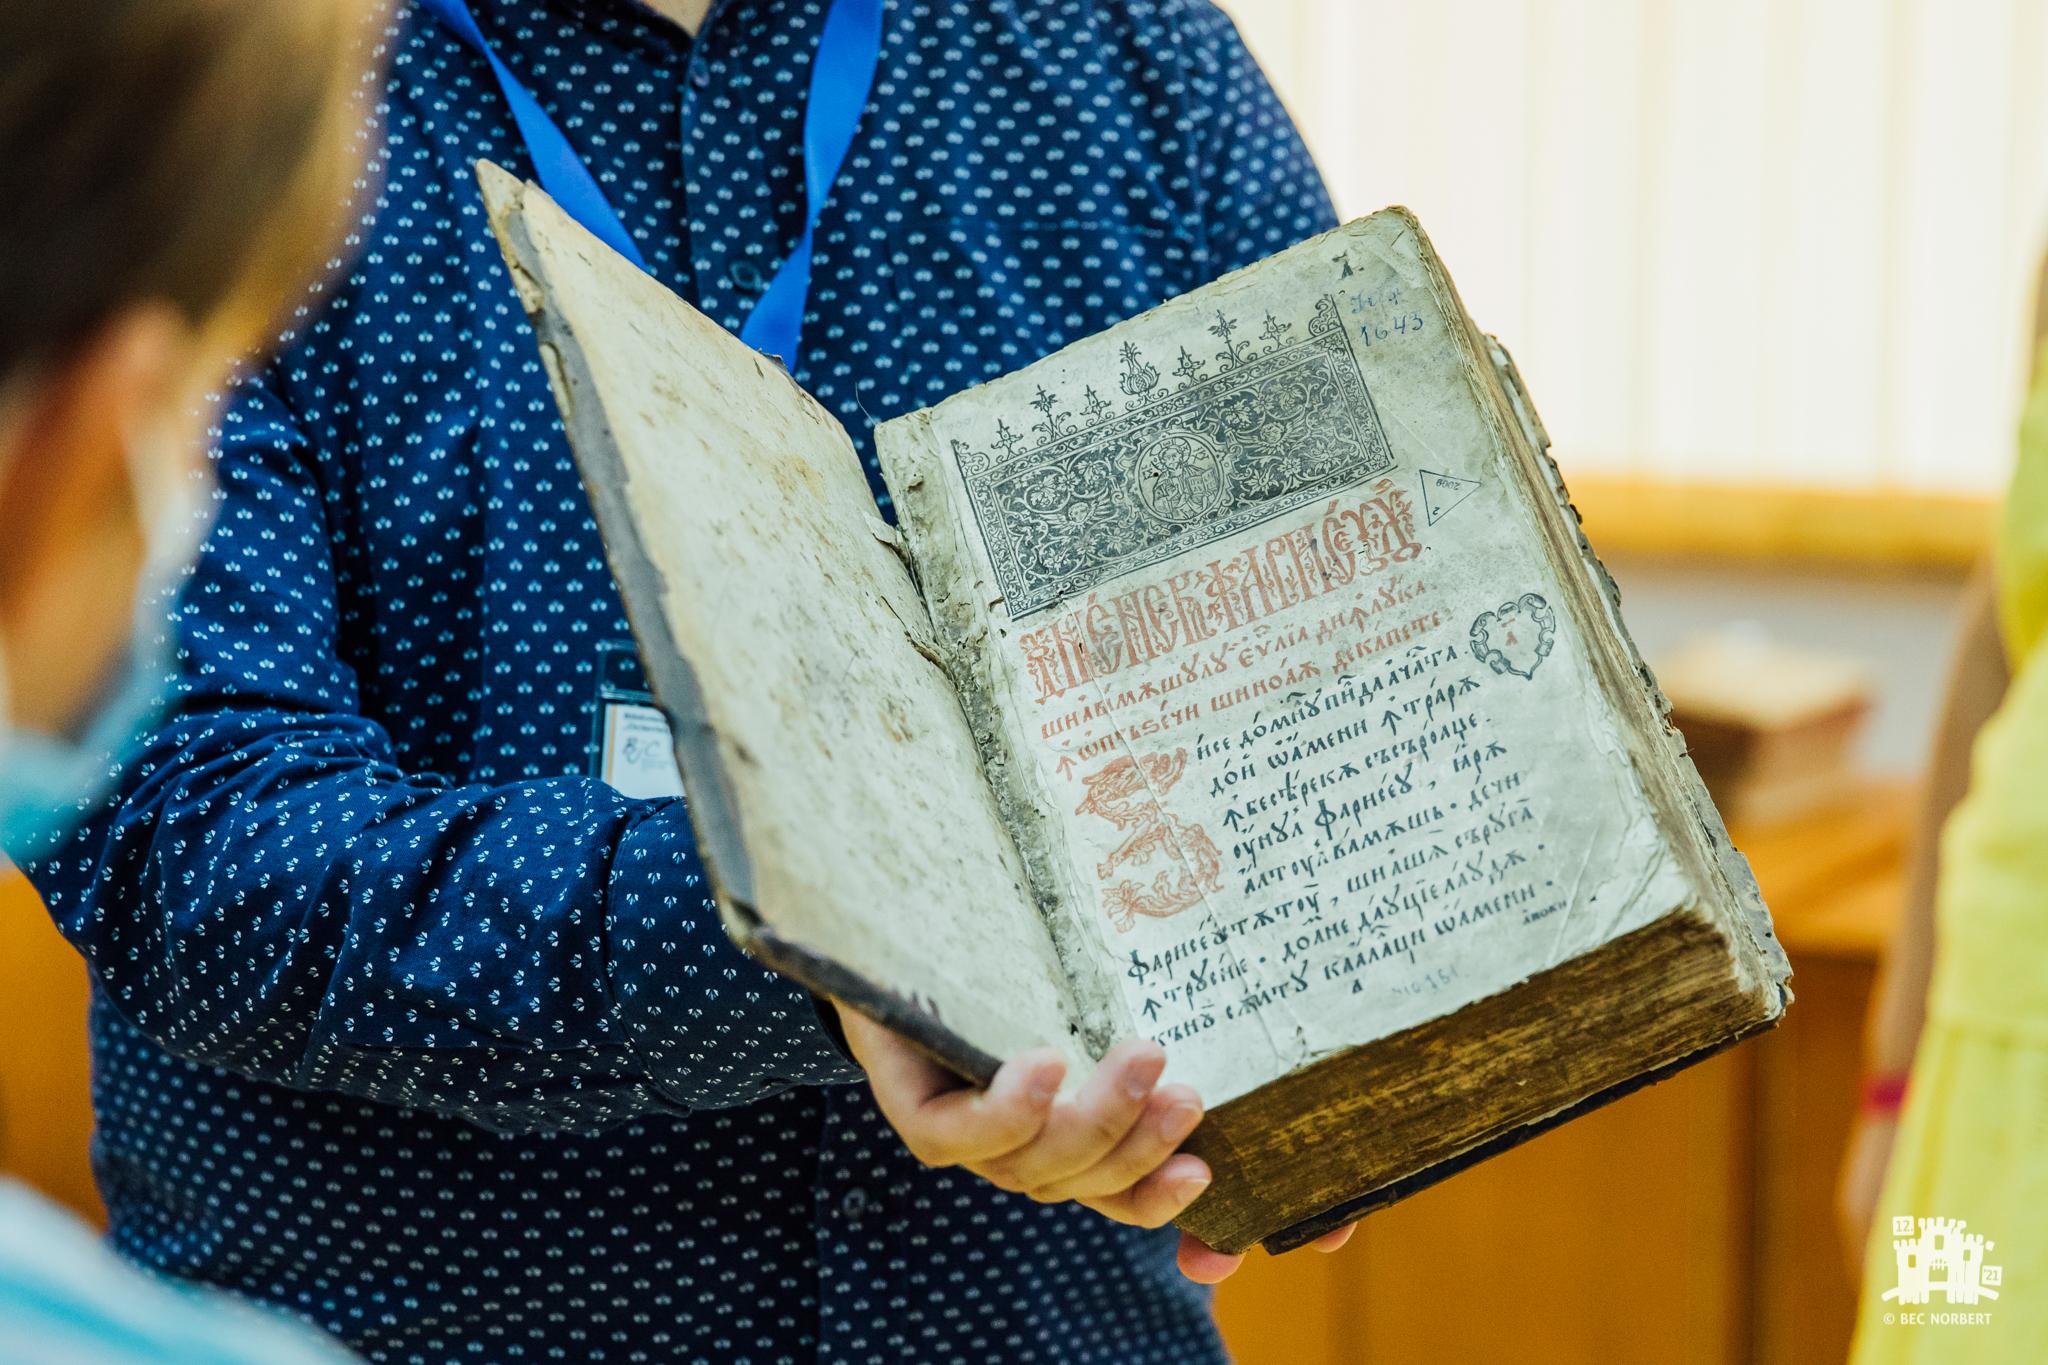 Látogatás az Octavian Goga Megyei Könyvtárba